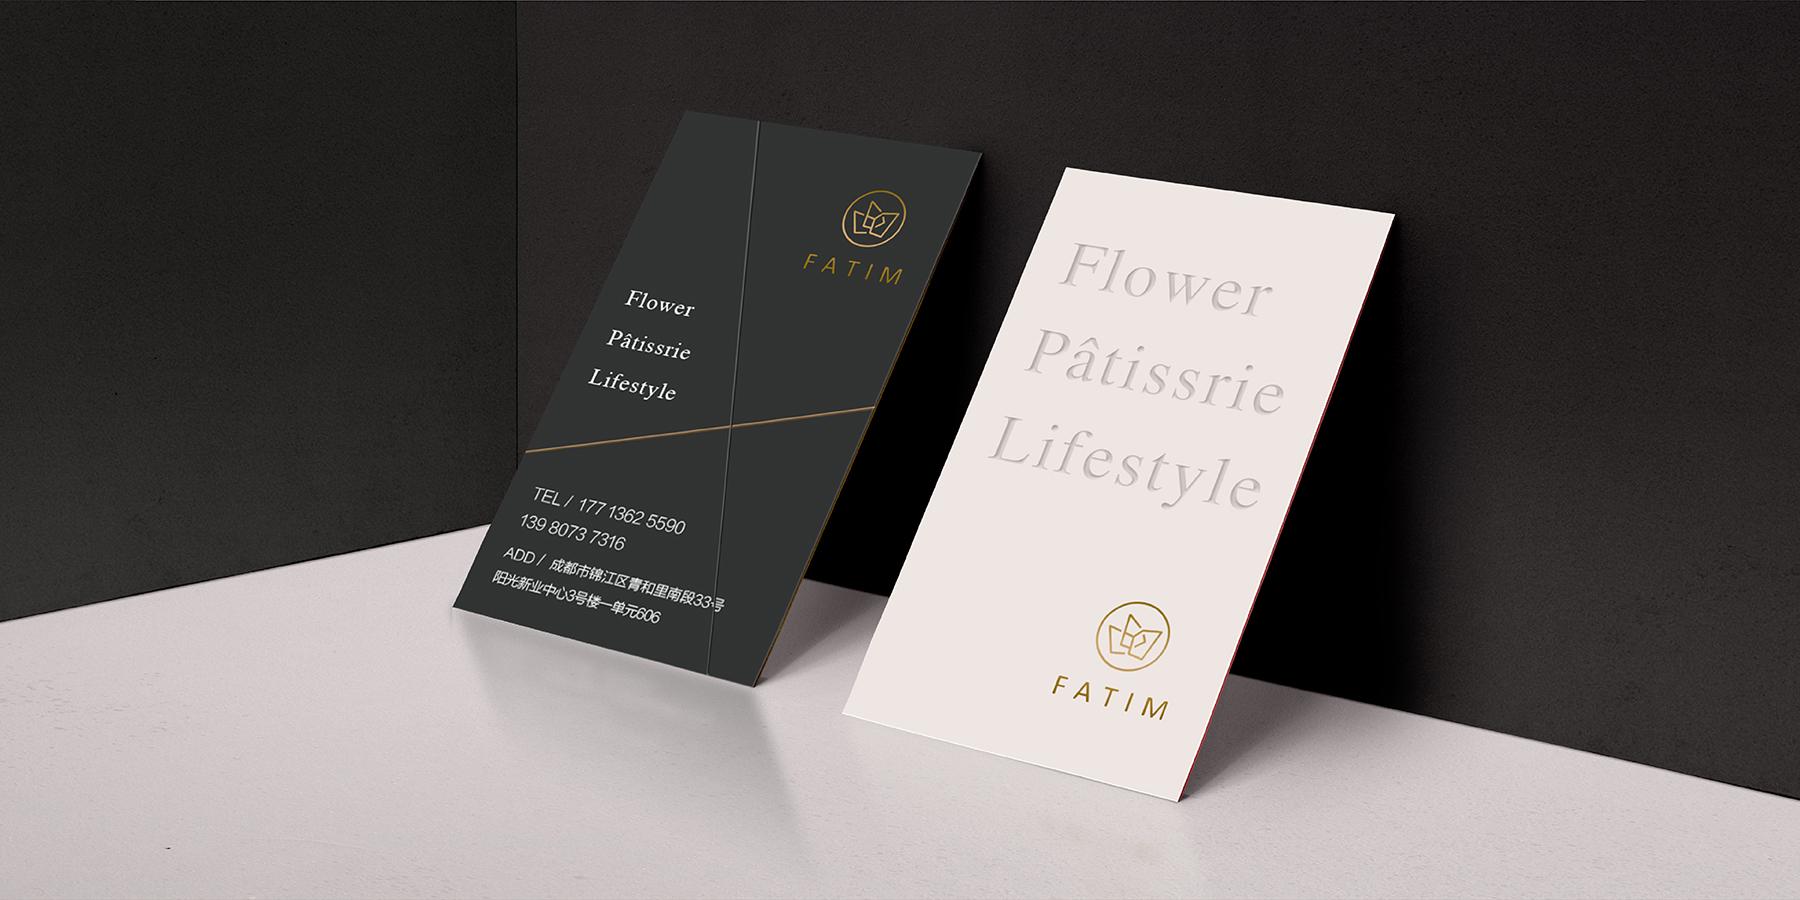 FATM花甜生活-品牌设计-物料设计-VI设计